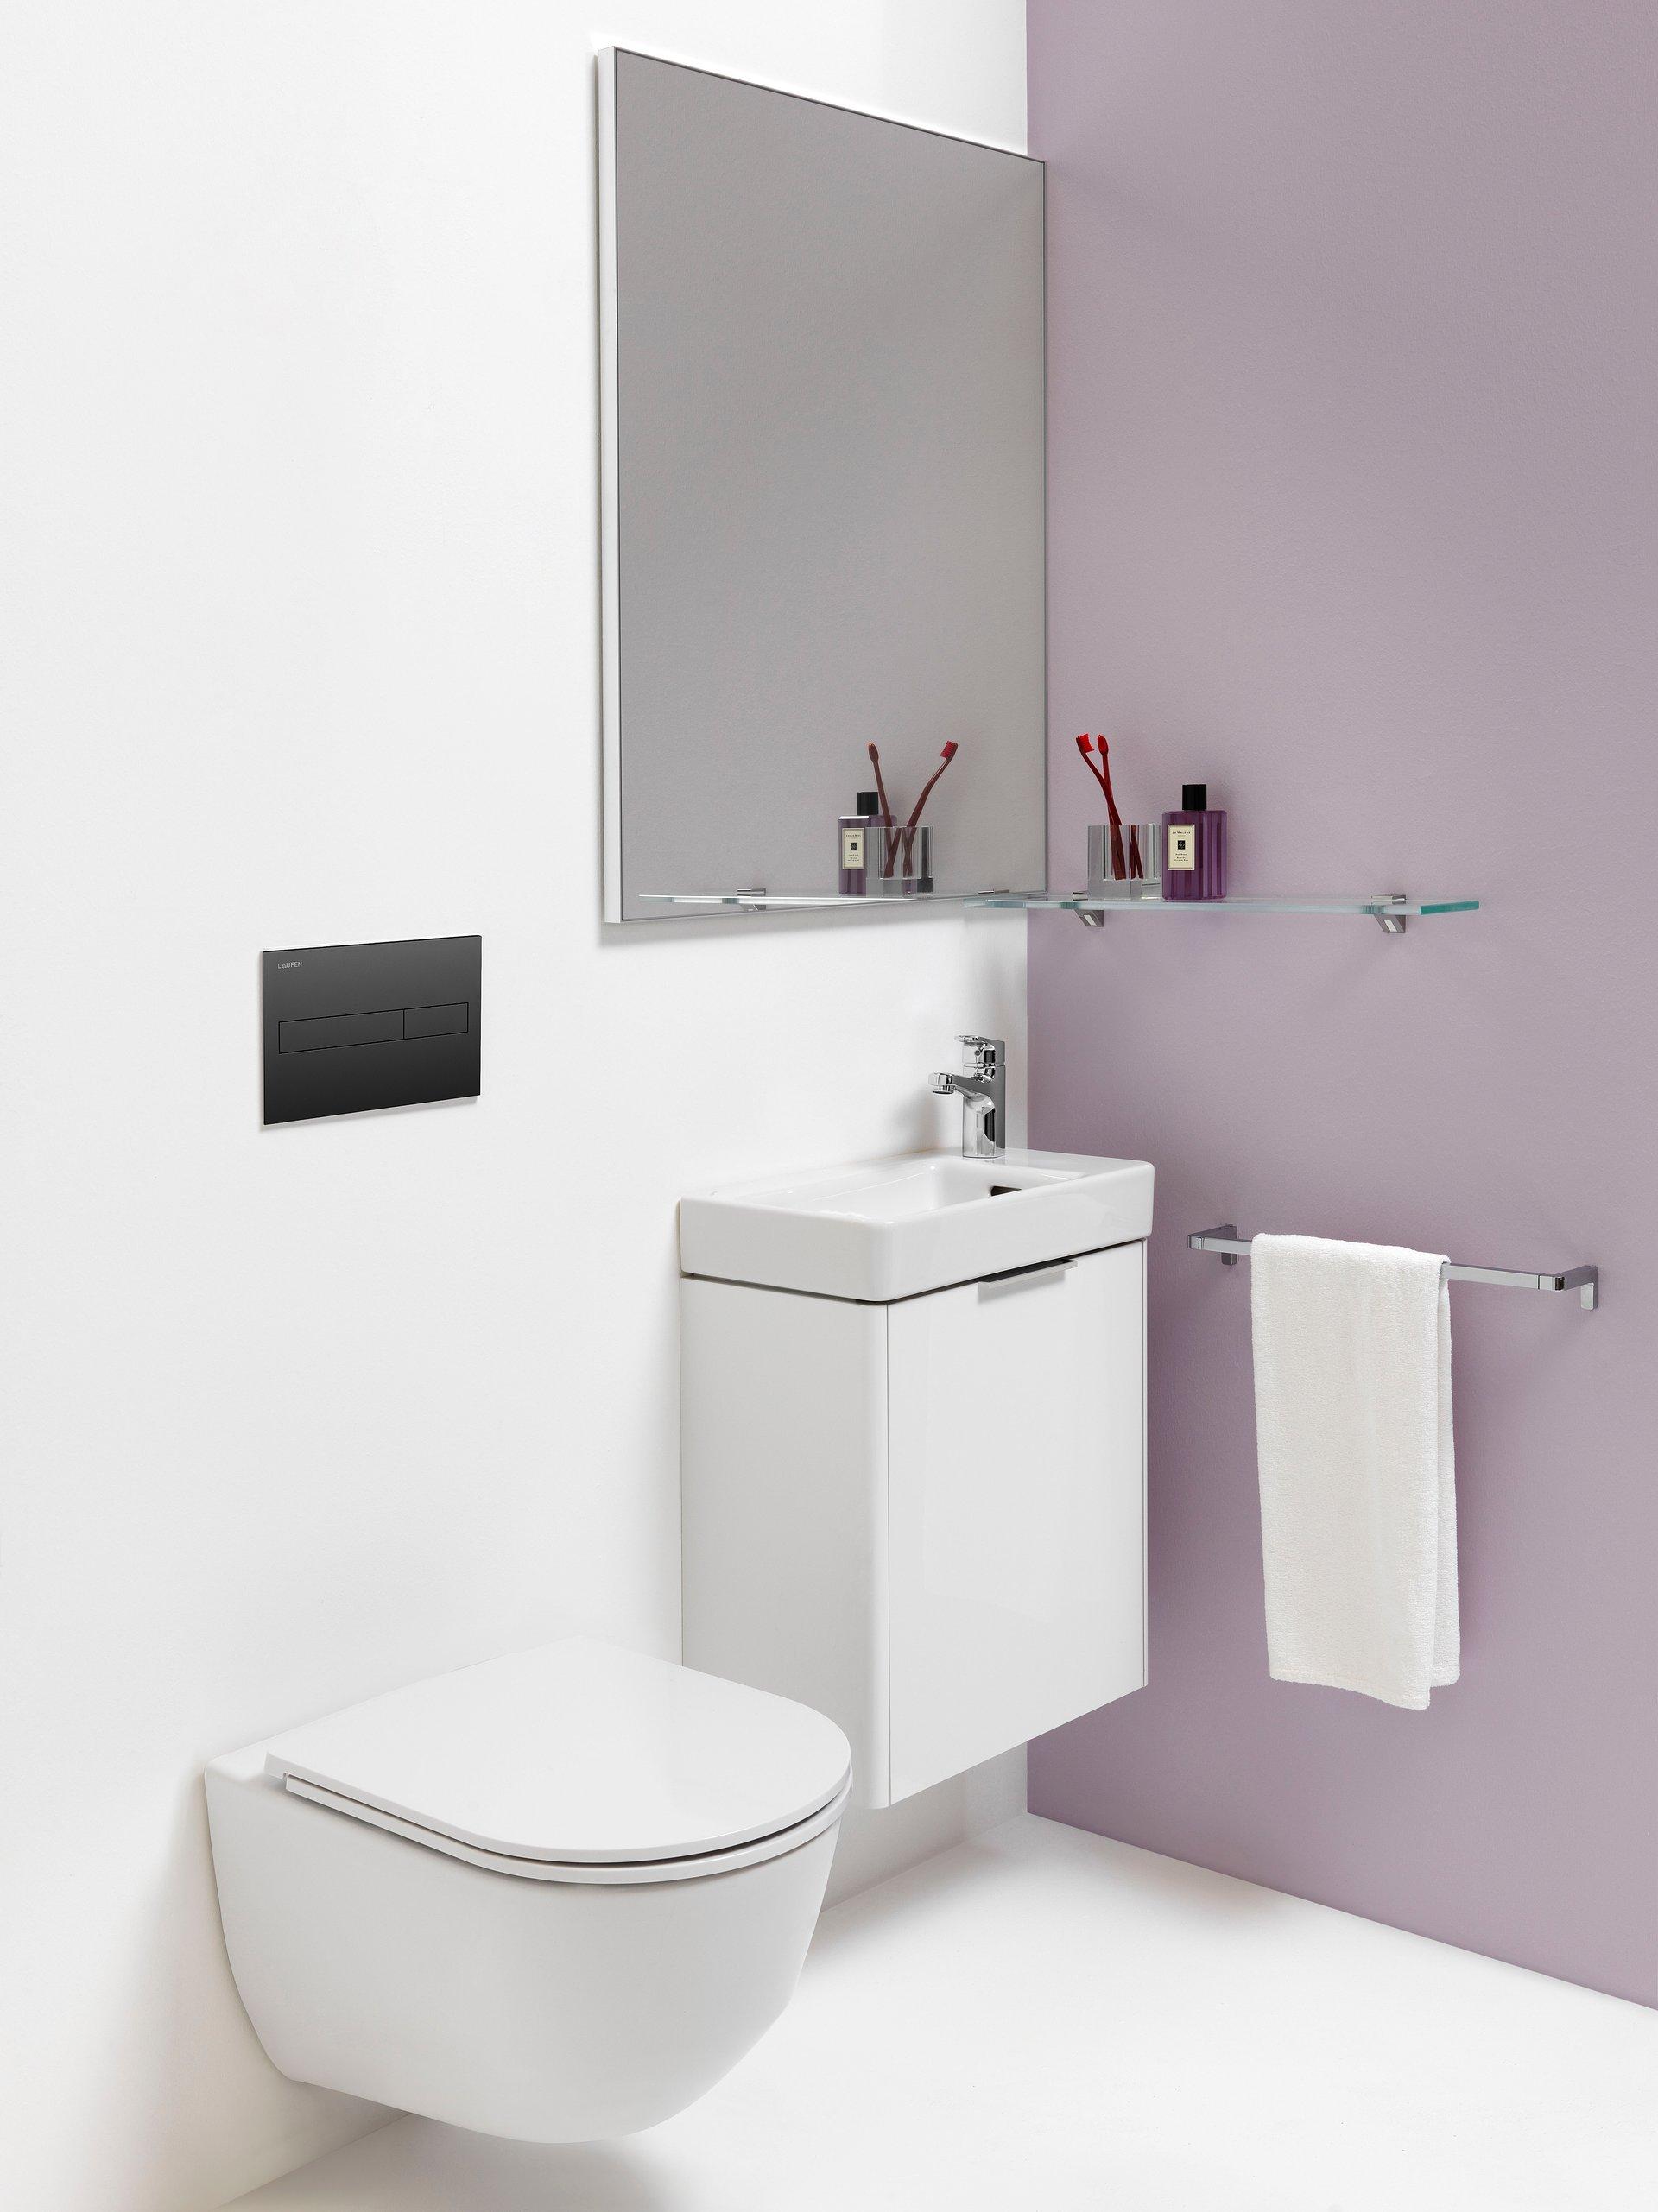 Łazienka w stylu Pro Laufen to design dla każdego